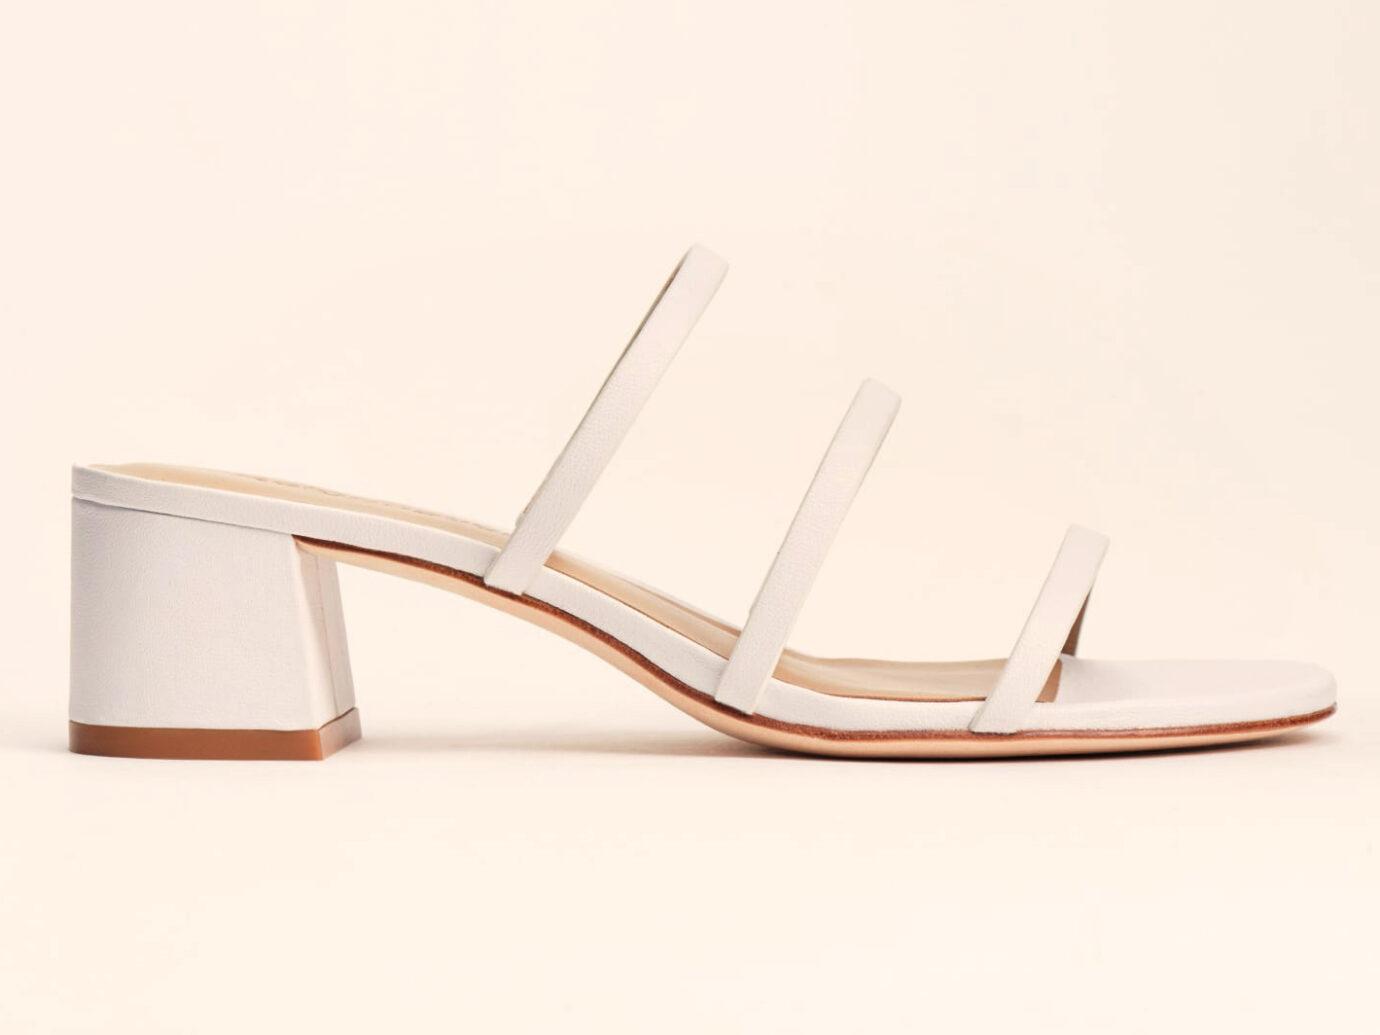 Reformation Menage sandal